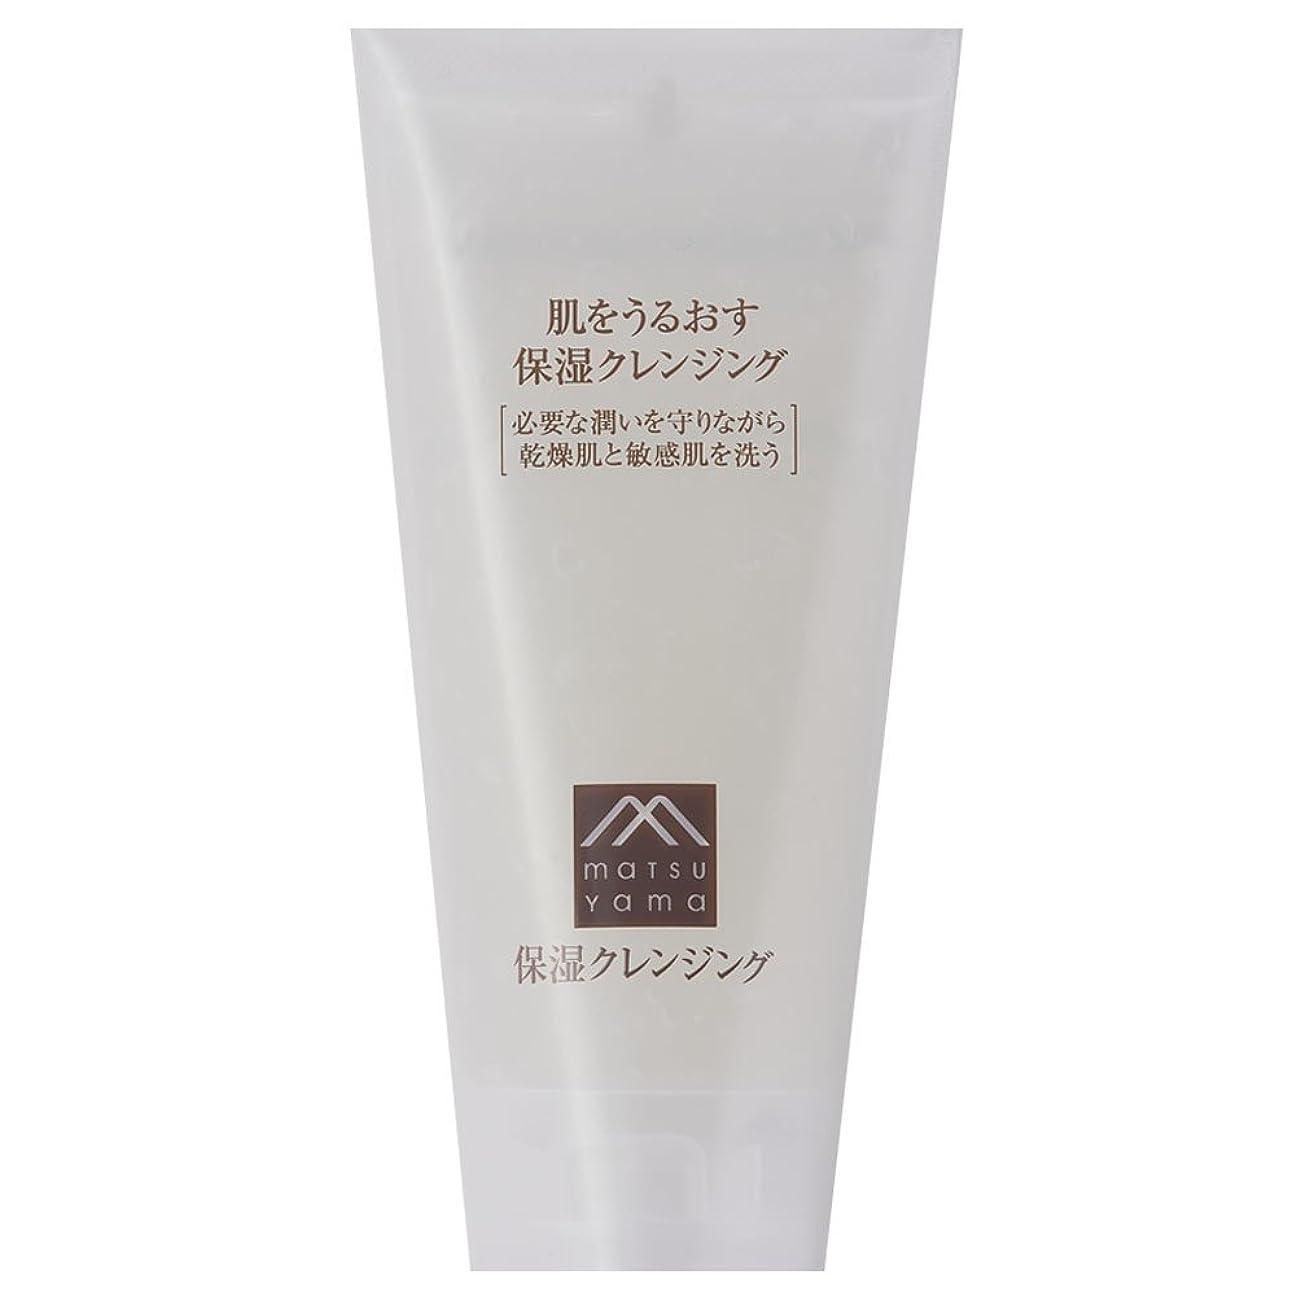 高架タップ読みやすい肌をうるおす保湿クレンジング(メイク落とし) 保湿 乾燥肌 敏感肌